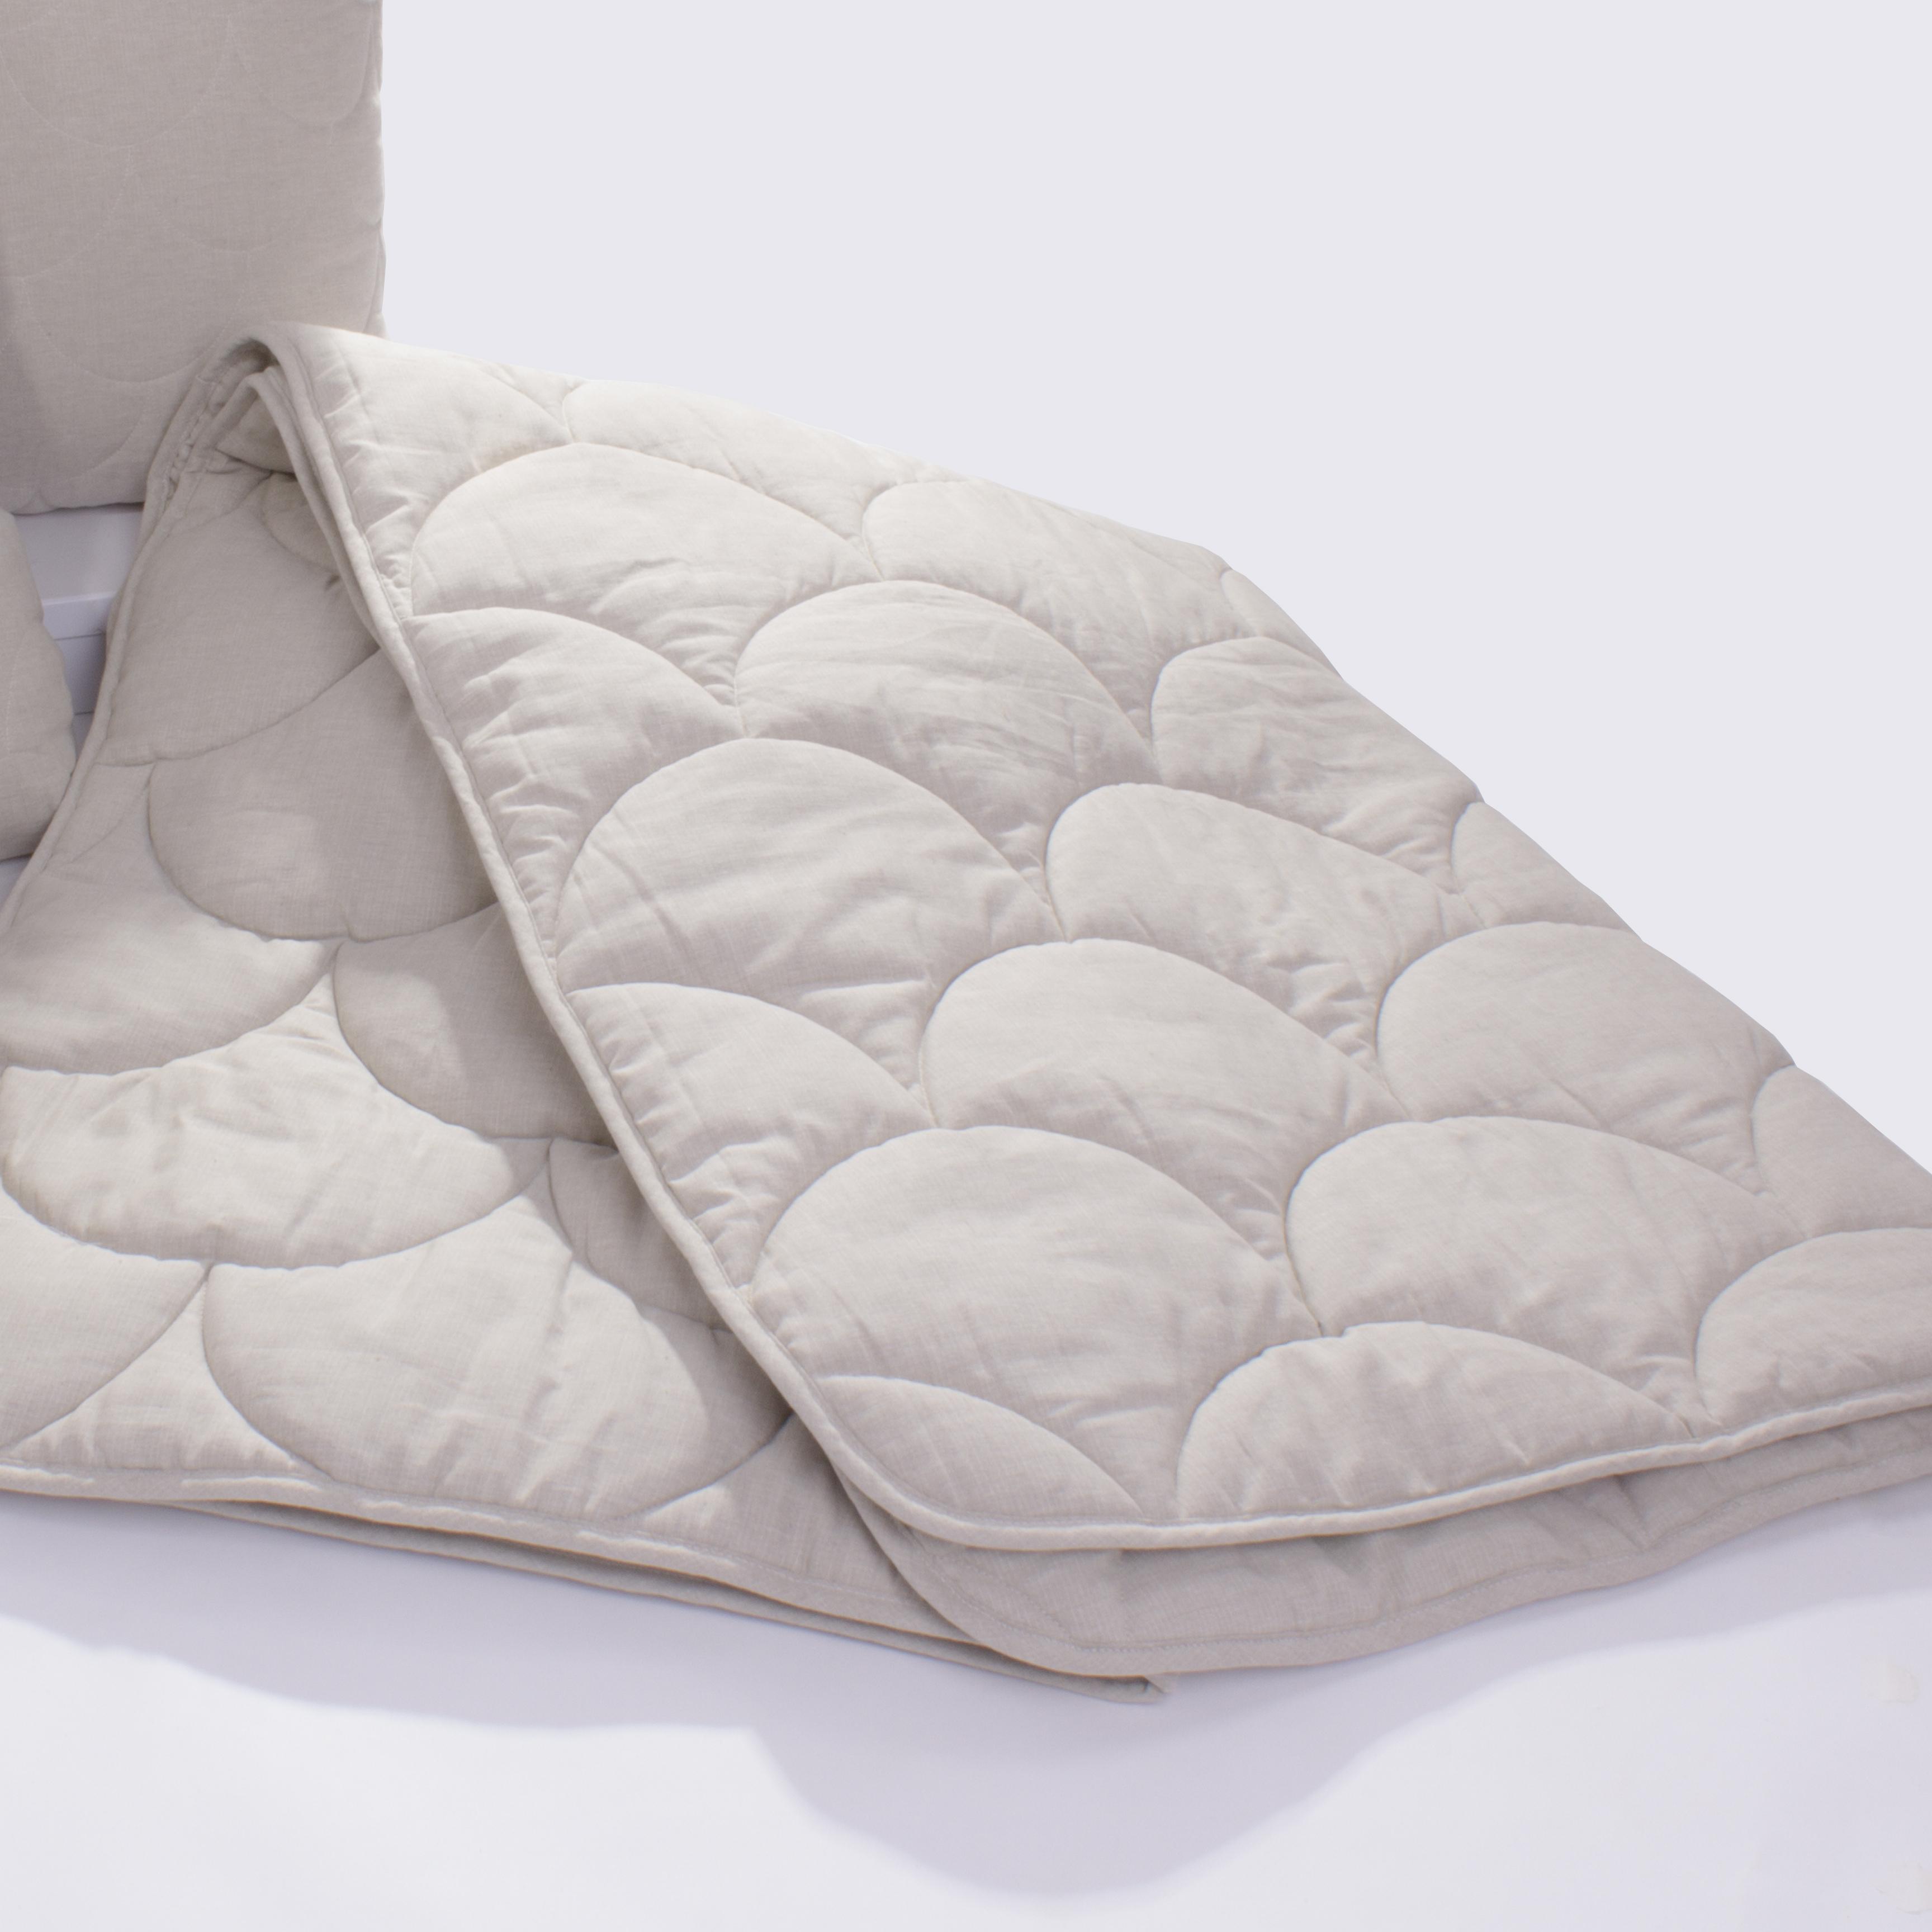 Купить Покрывала, подушки, одеяла AlViTek, Детское одеяло Лен Легкое (105х140 см), Россия, Кремовый, Полулен